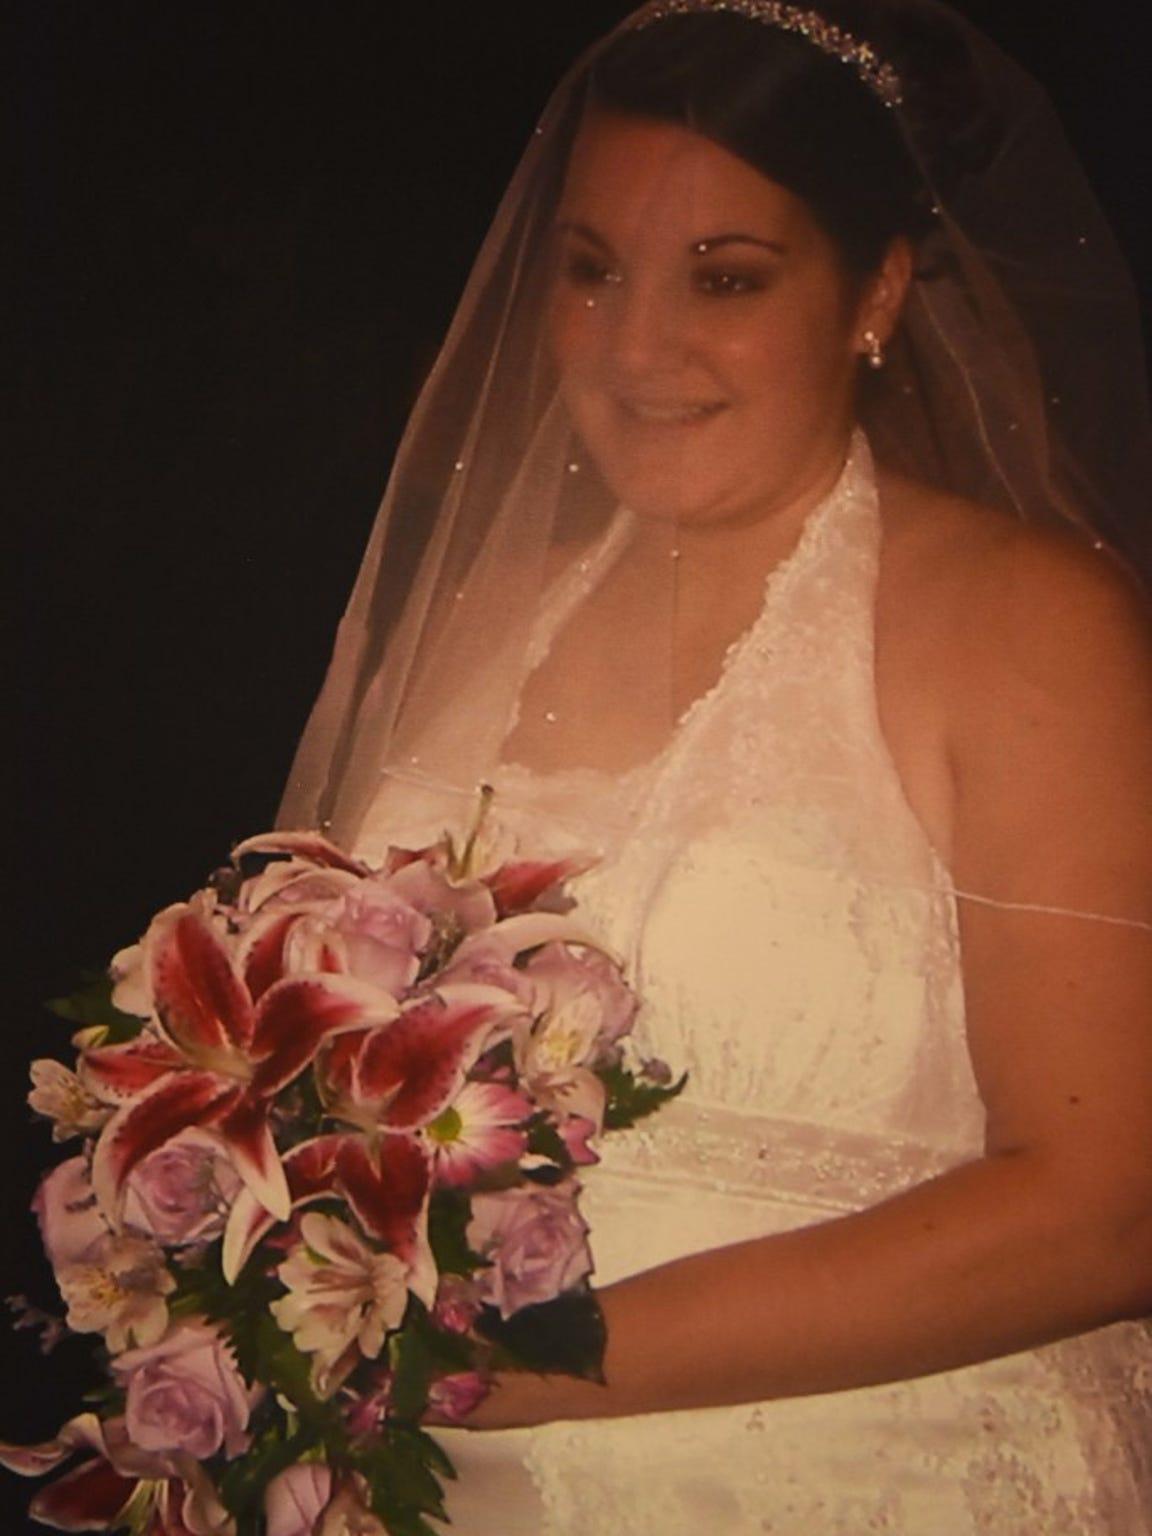 Jody Rilee-Wilson, on her wedding day in 2008.